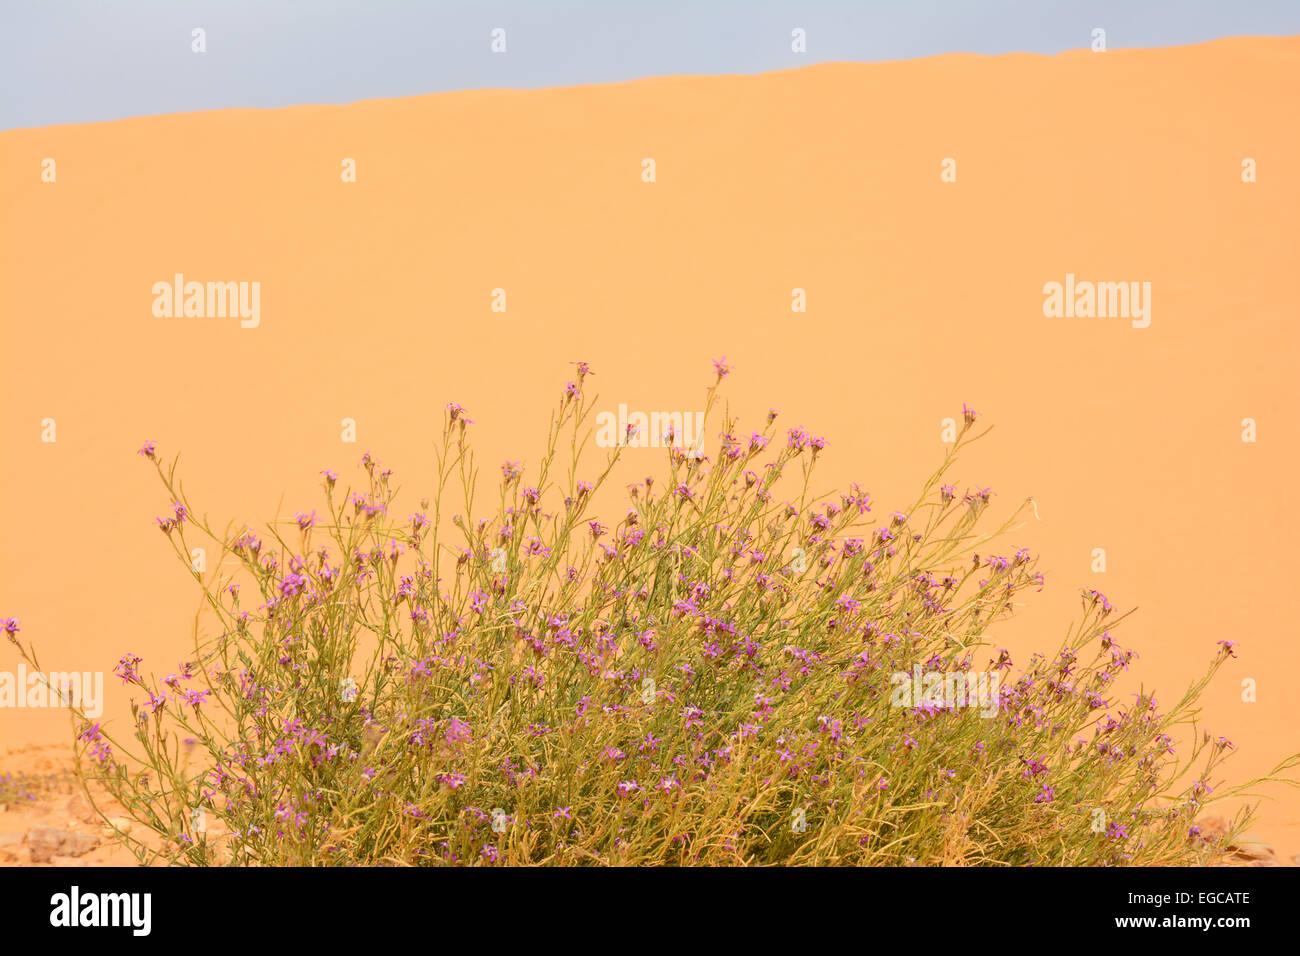 Flower on sand dune - Stock Image